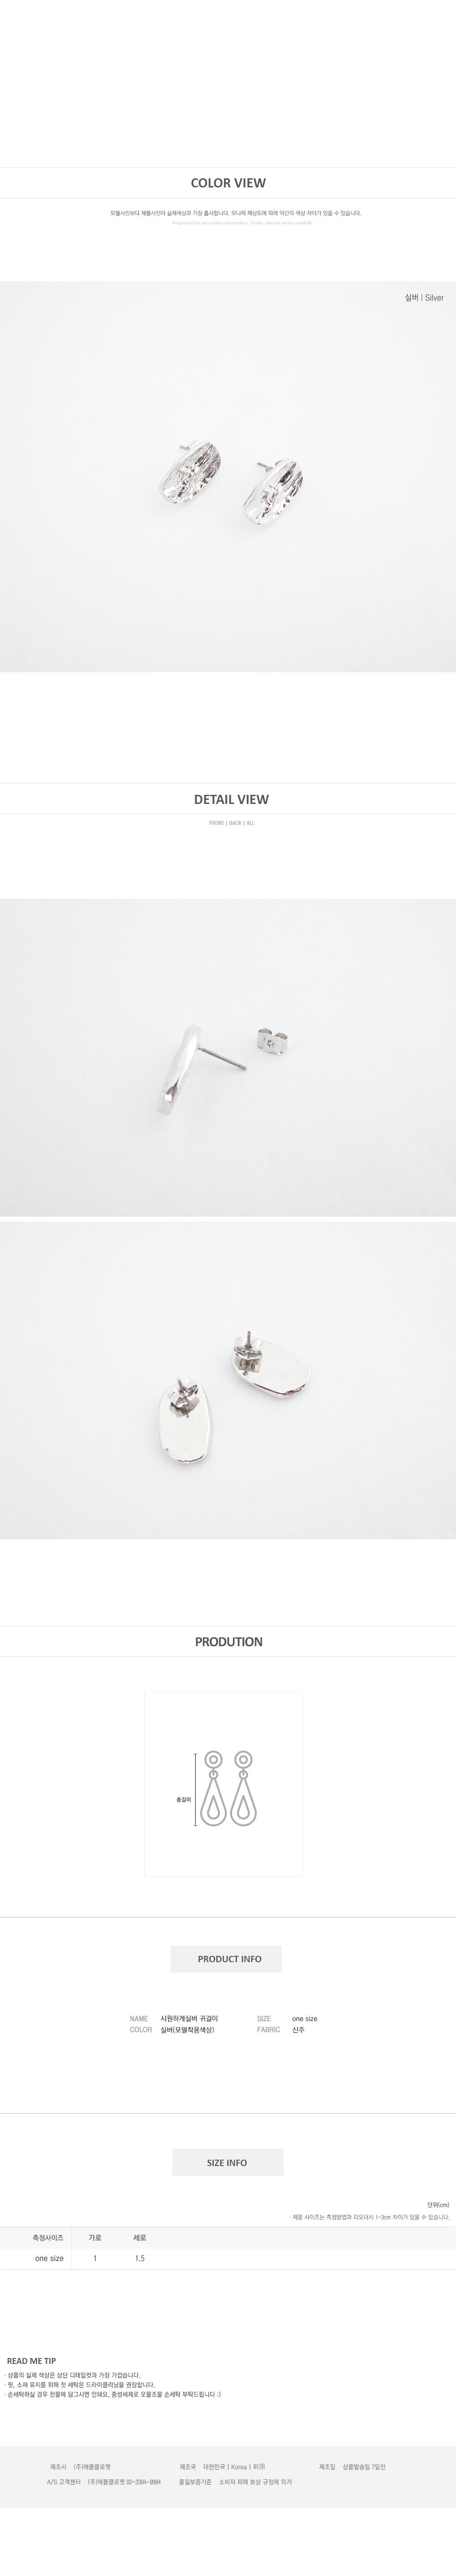 Cool Silver Earrings